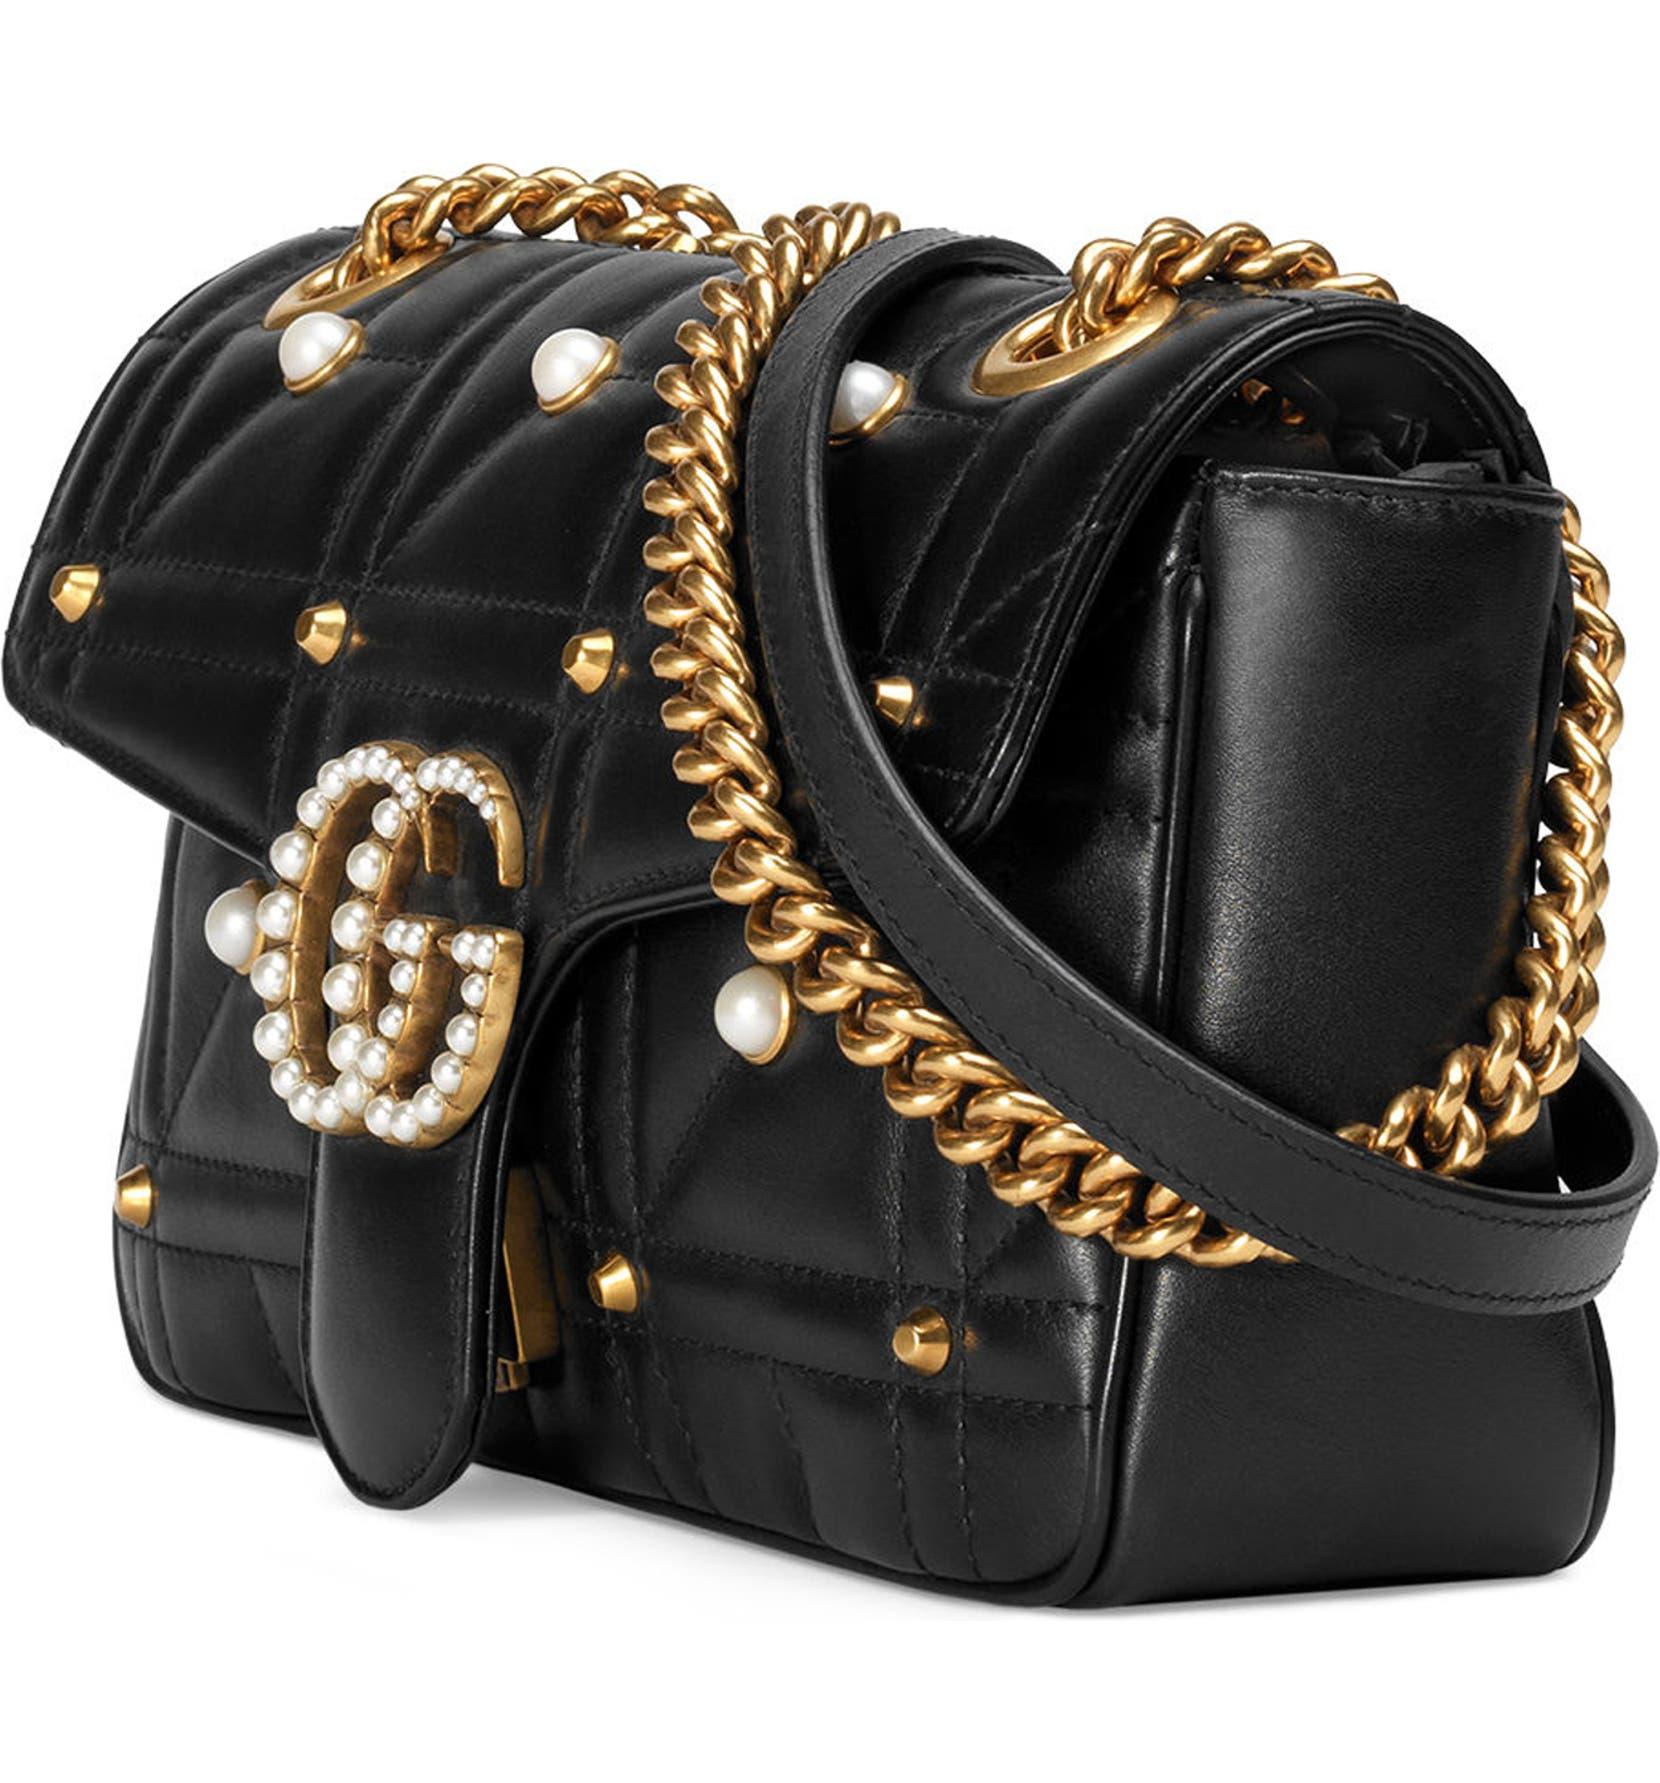 88d94b1896d Gucci GG Marmont Matelassé Imitation Pearl Leather Shoulder Bag ...